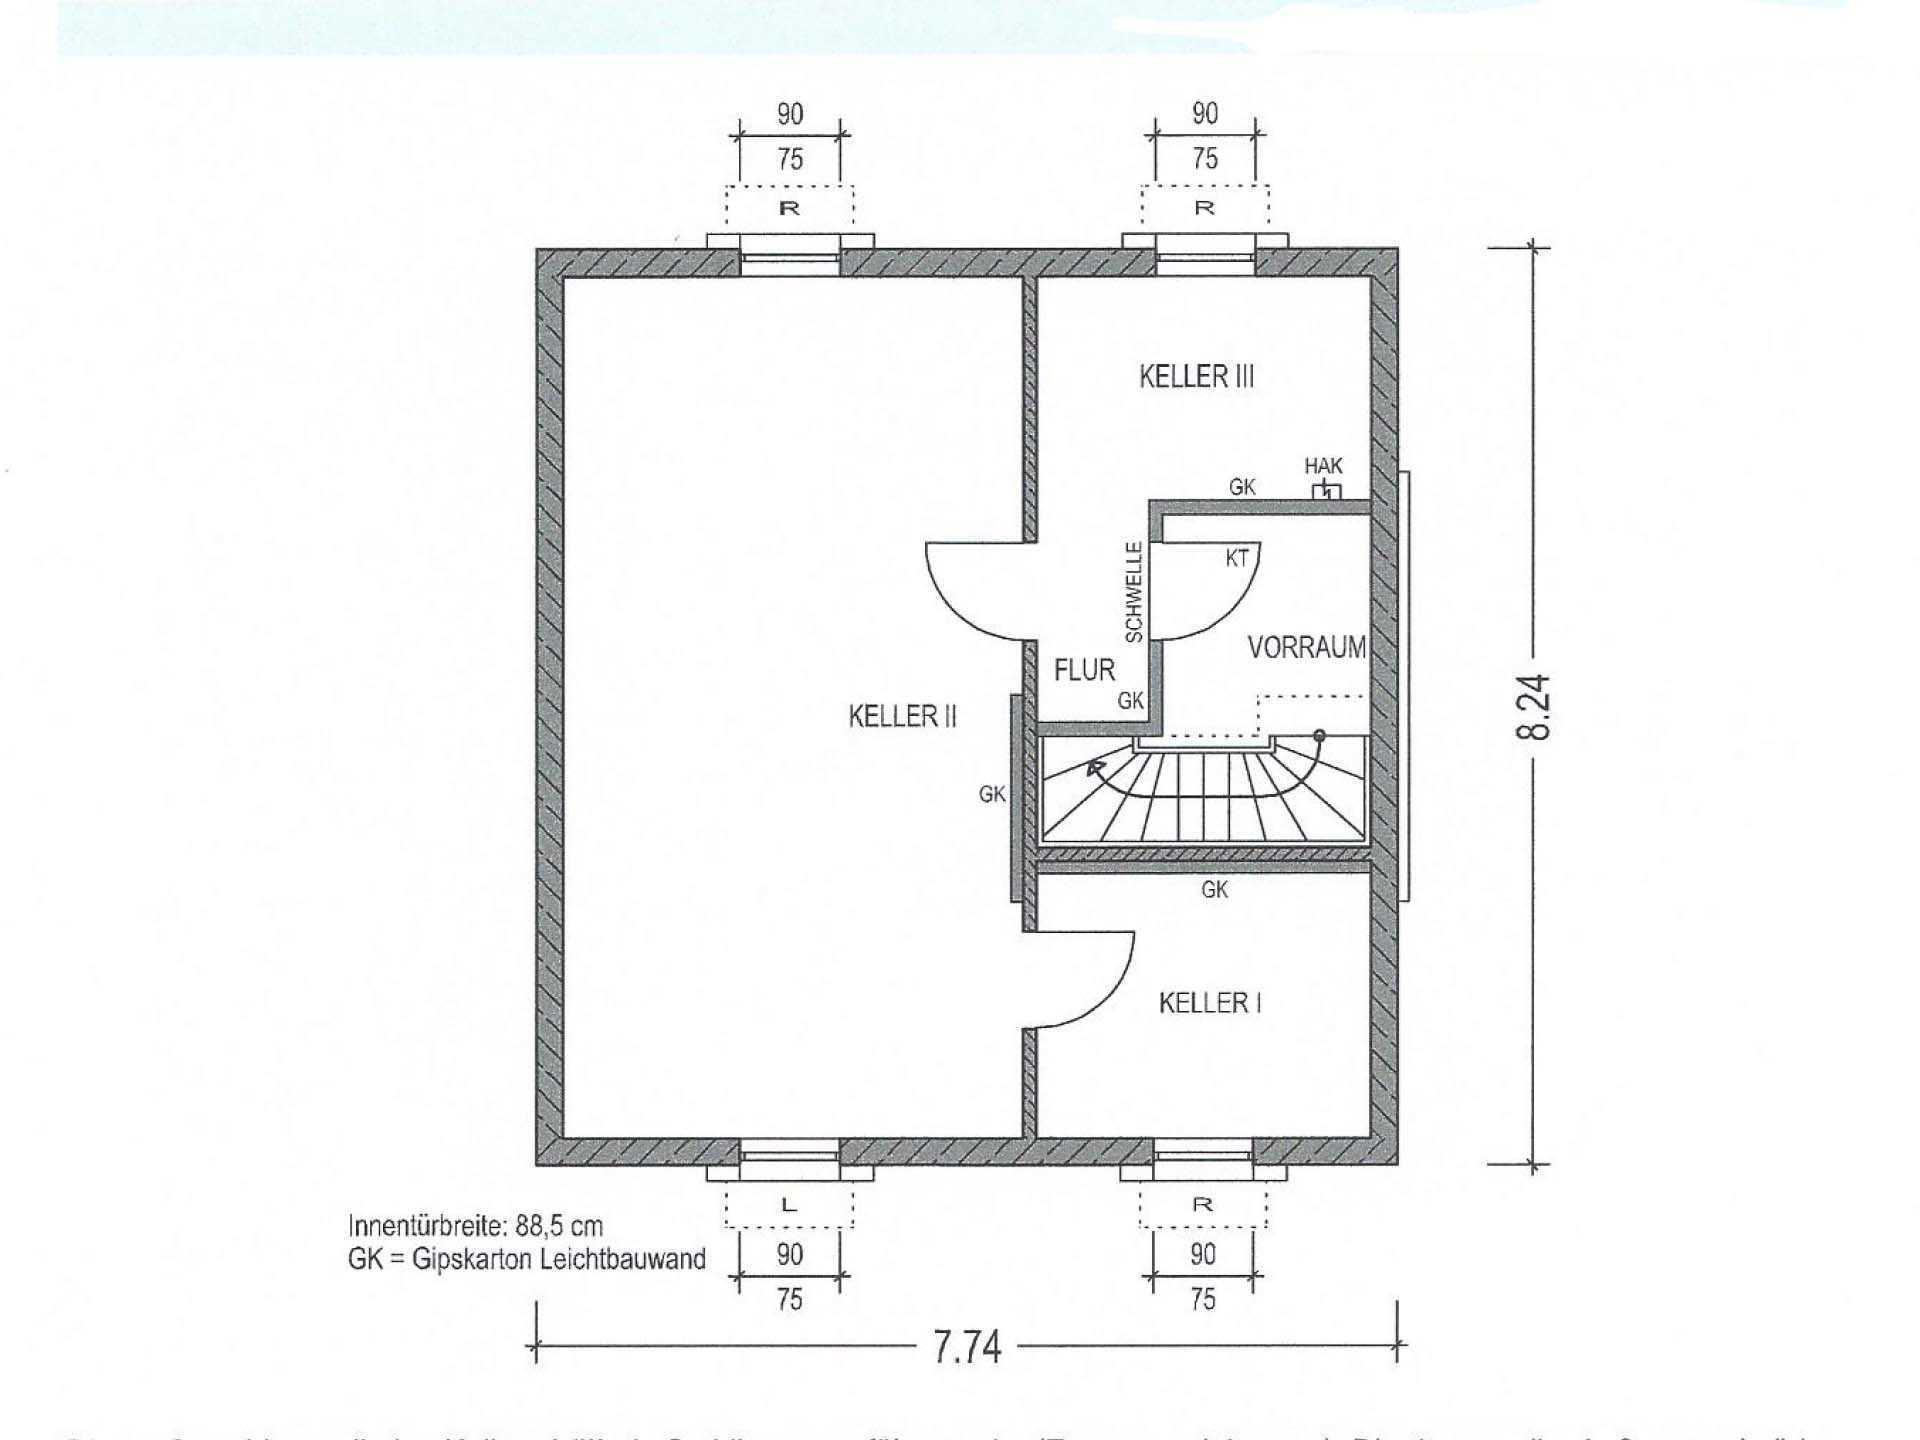 Einfamilienhaus Country C2 Aktionshaus Heinz Von Heiden